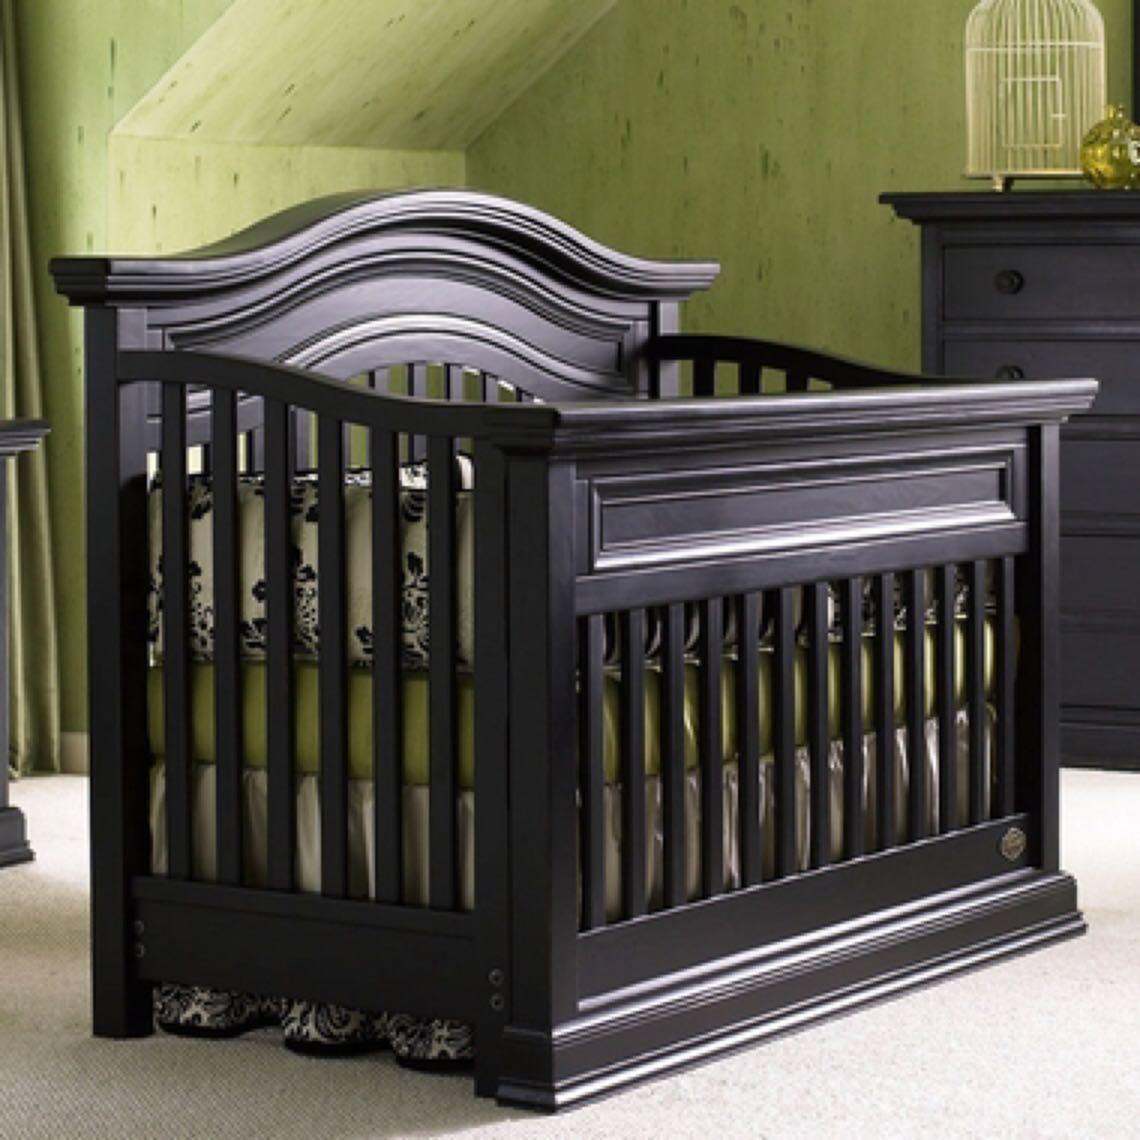 Bonavita crib for sale used - Best Bonavita Sheffield Black Crib For Sale In Tustin California For 2017